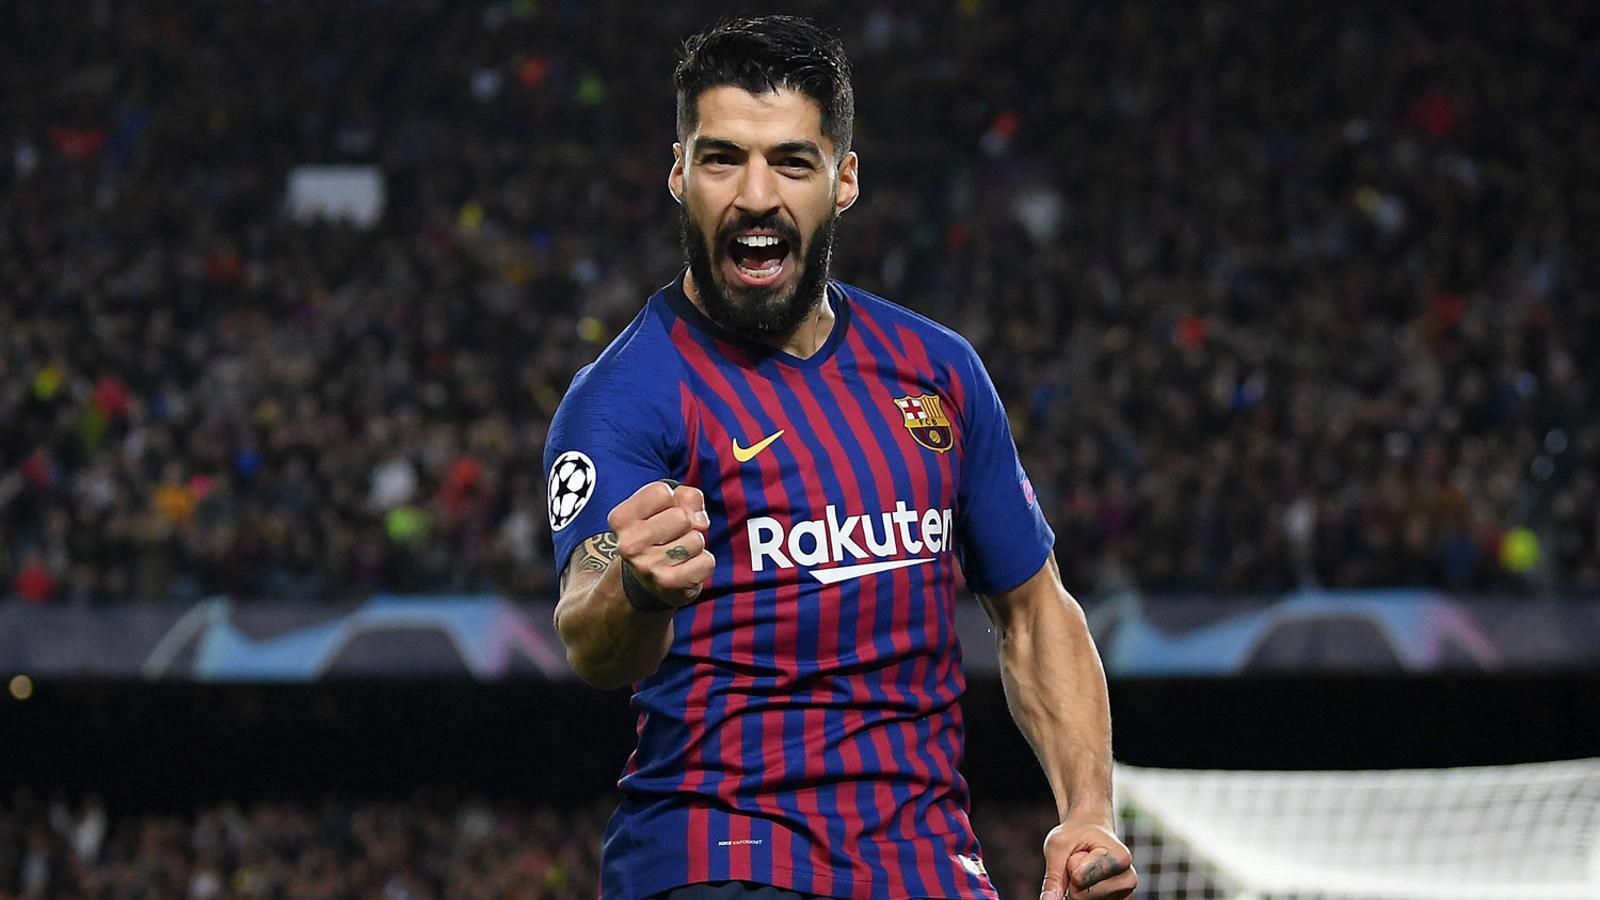 Luis Suárez celebrant un gol durant la seva etapa amb el Barça al Camp Nou.